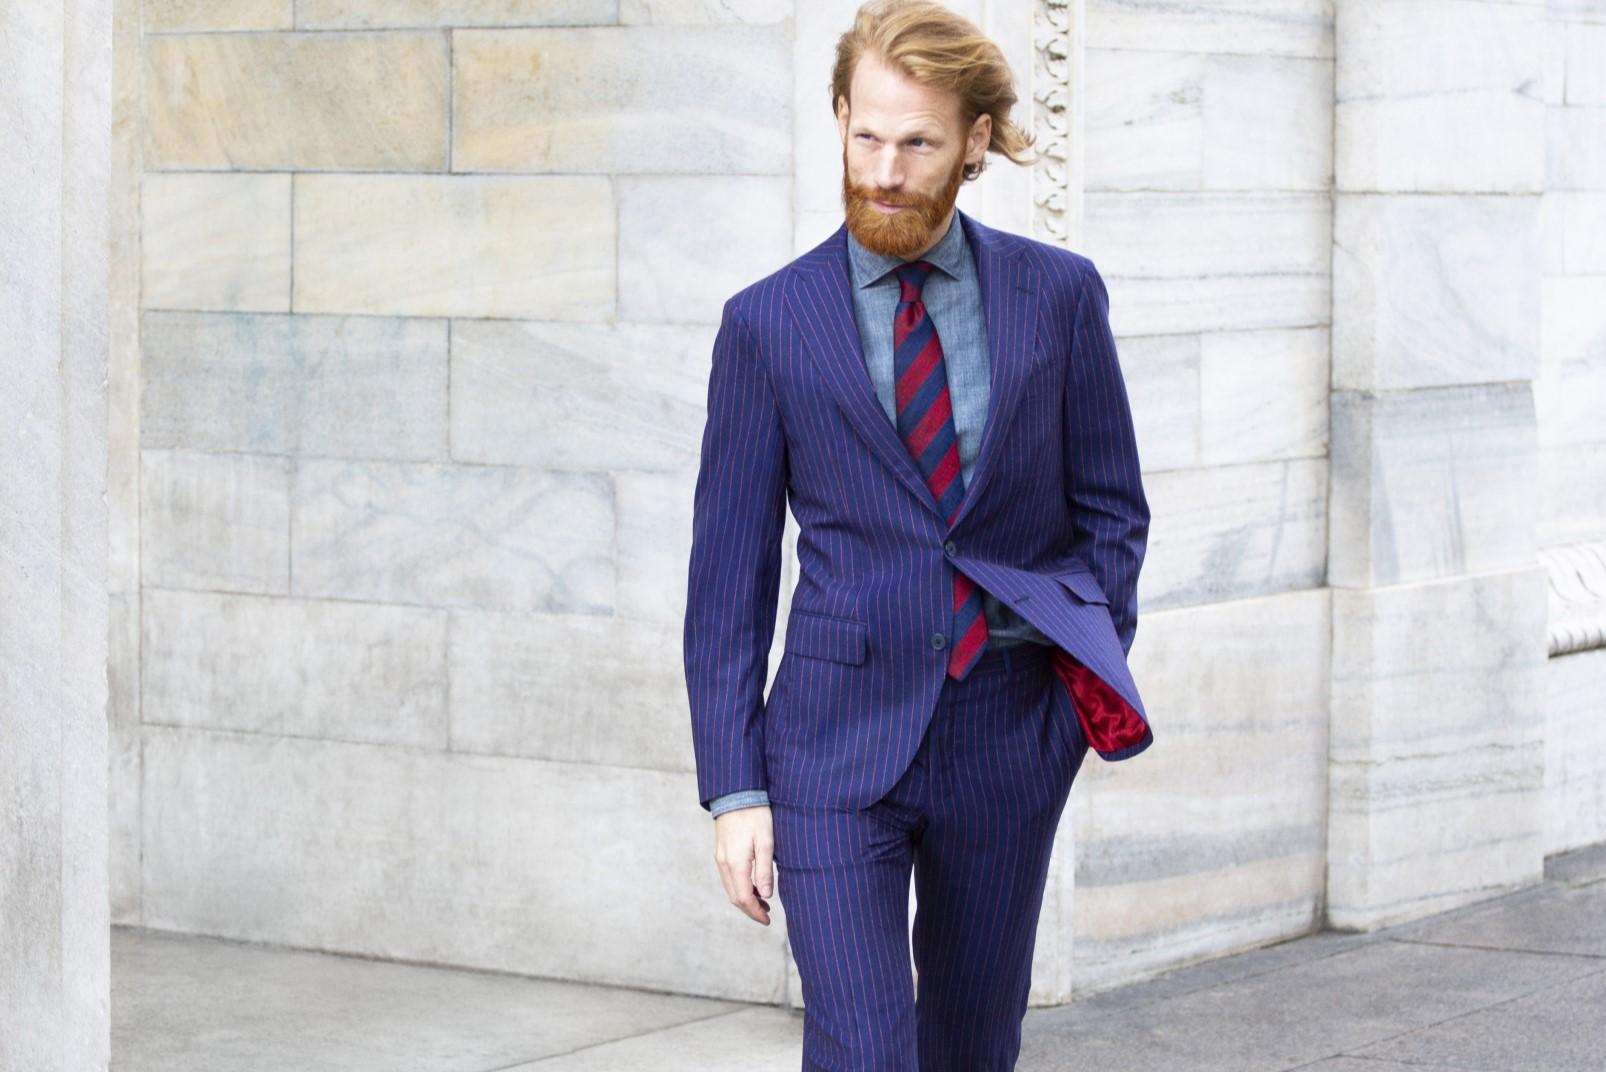 bouclé pinstripe suit